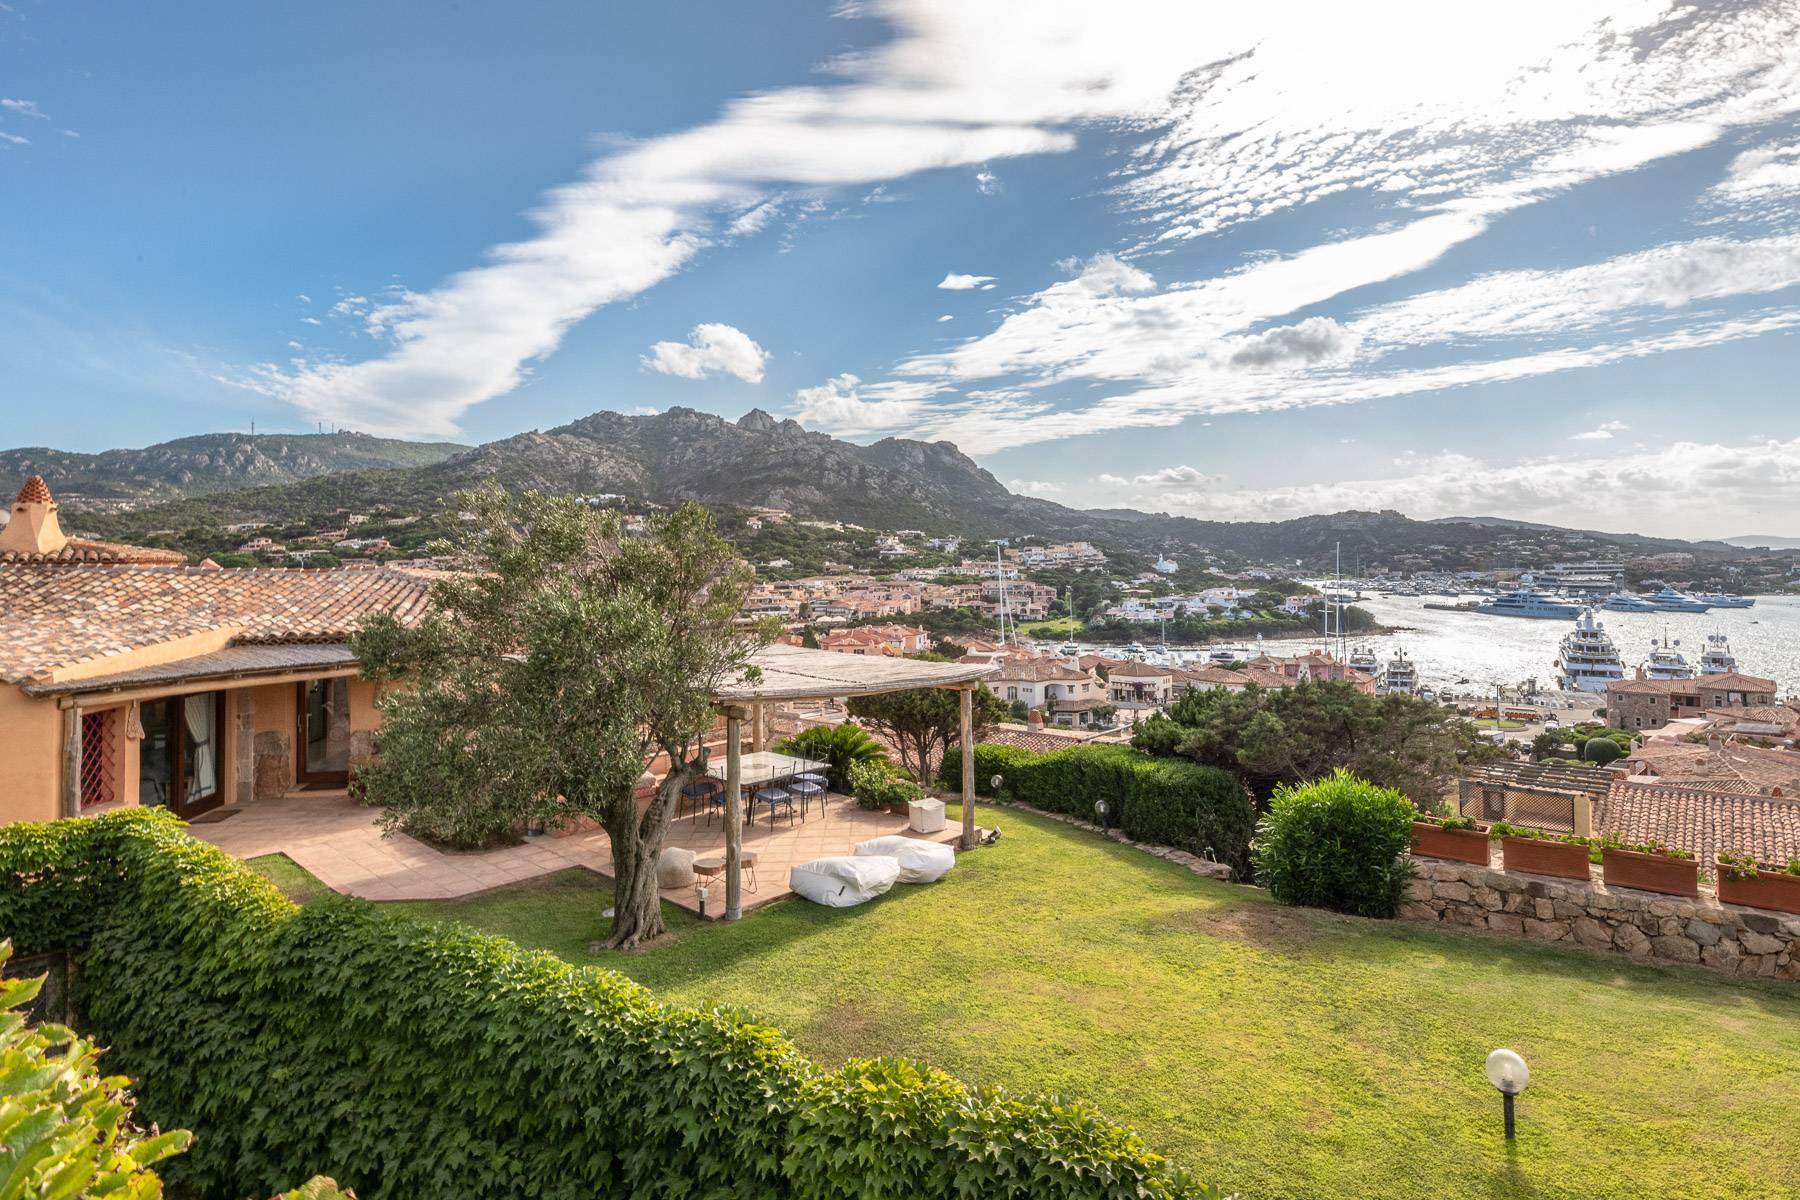 Importante villa indipendente con un impareggiabile panorama, nel cuore di Porto Cervo. - 28